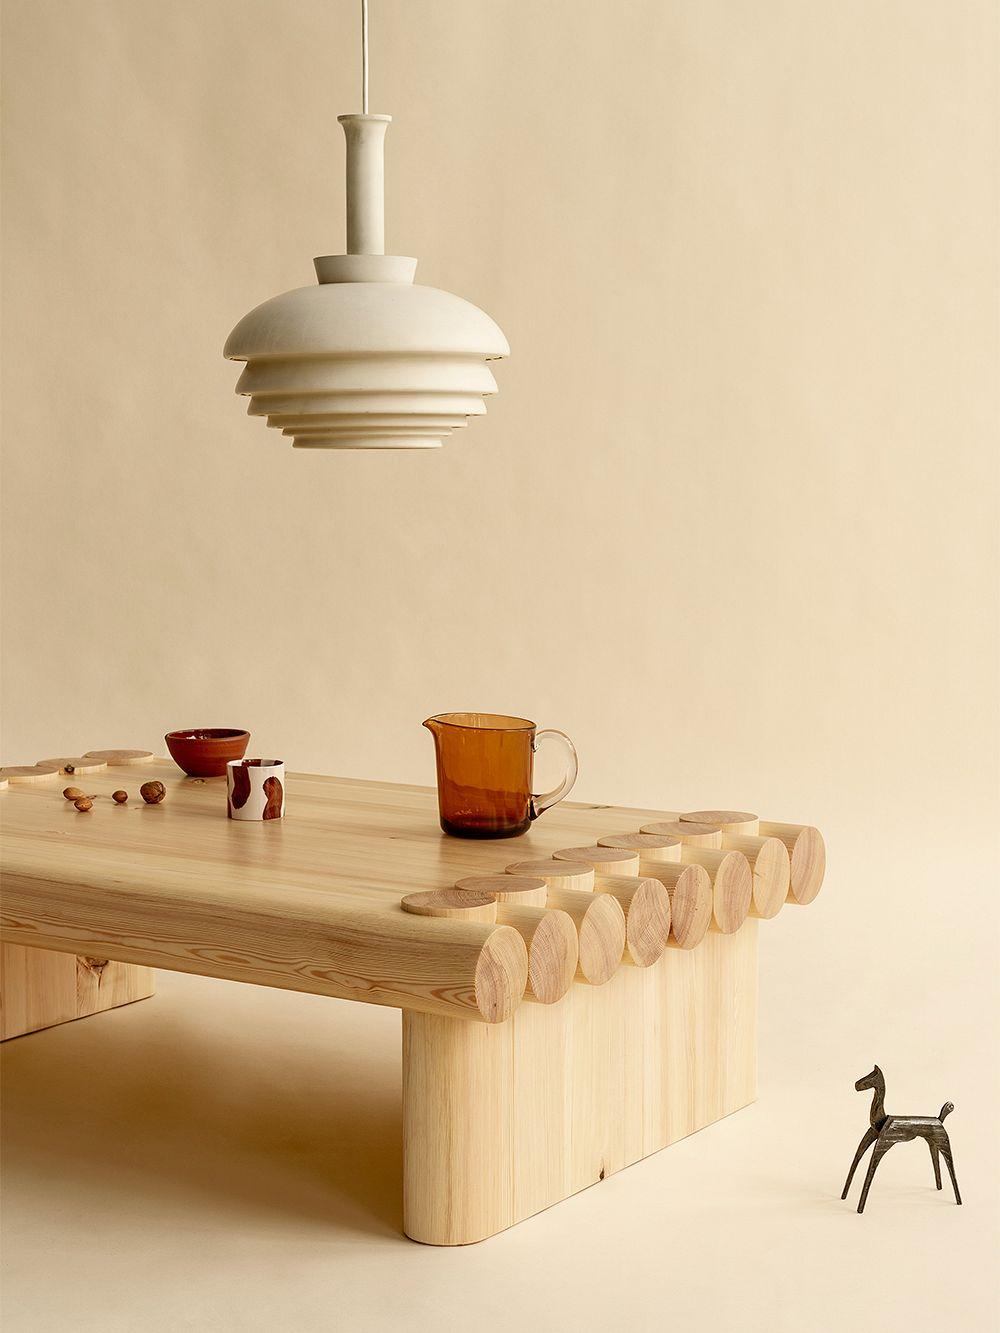 Vaarnii coffee table